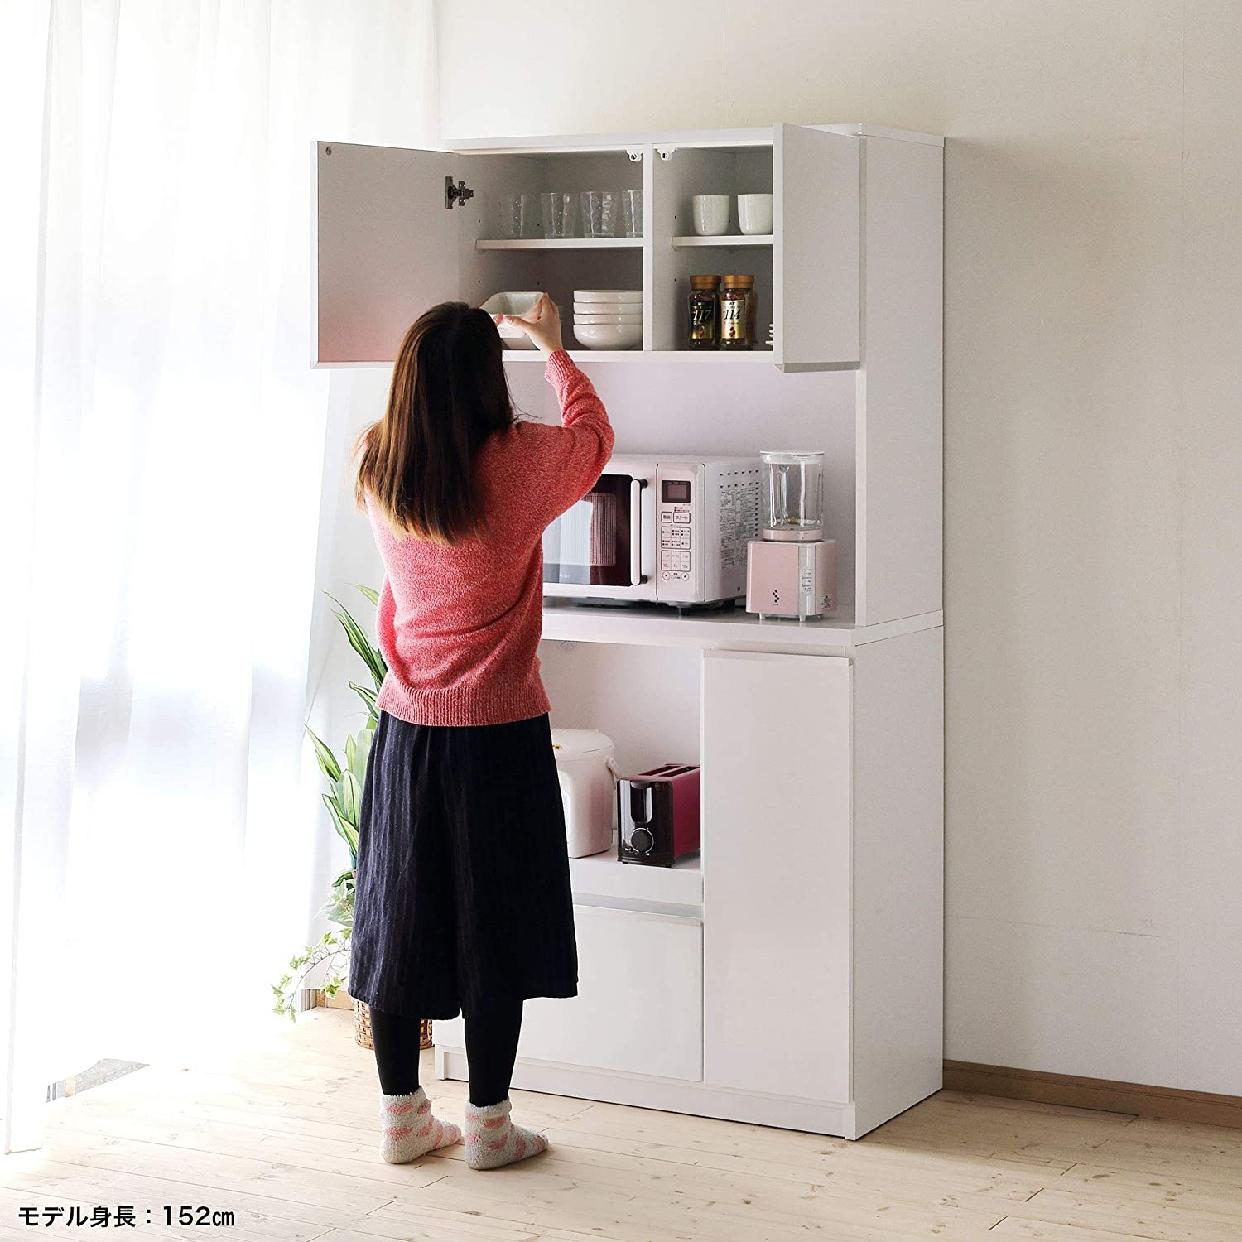 ナポリレンジ台 食器棚コンセント付 完成品 幅88.8cmの商品画像8